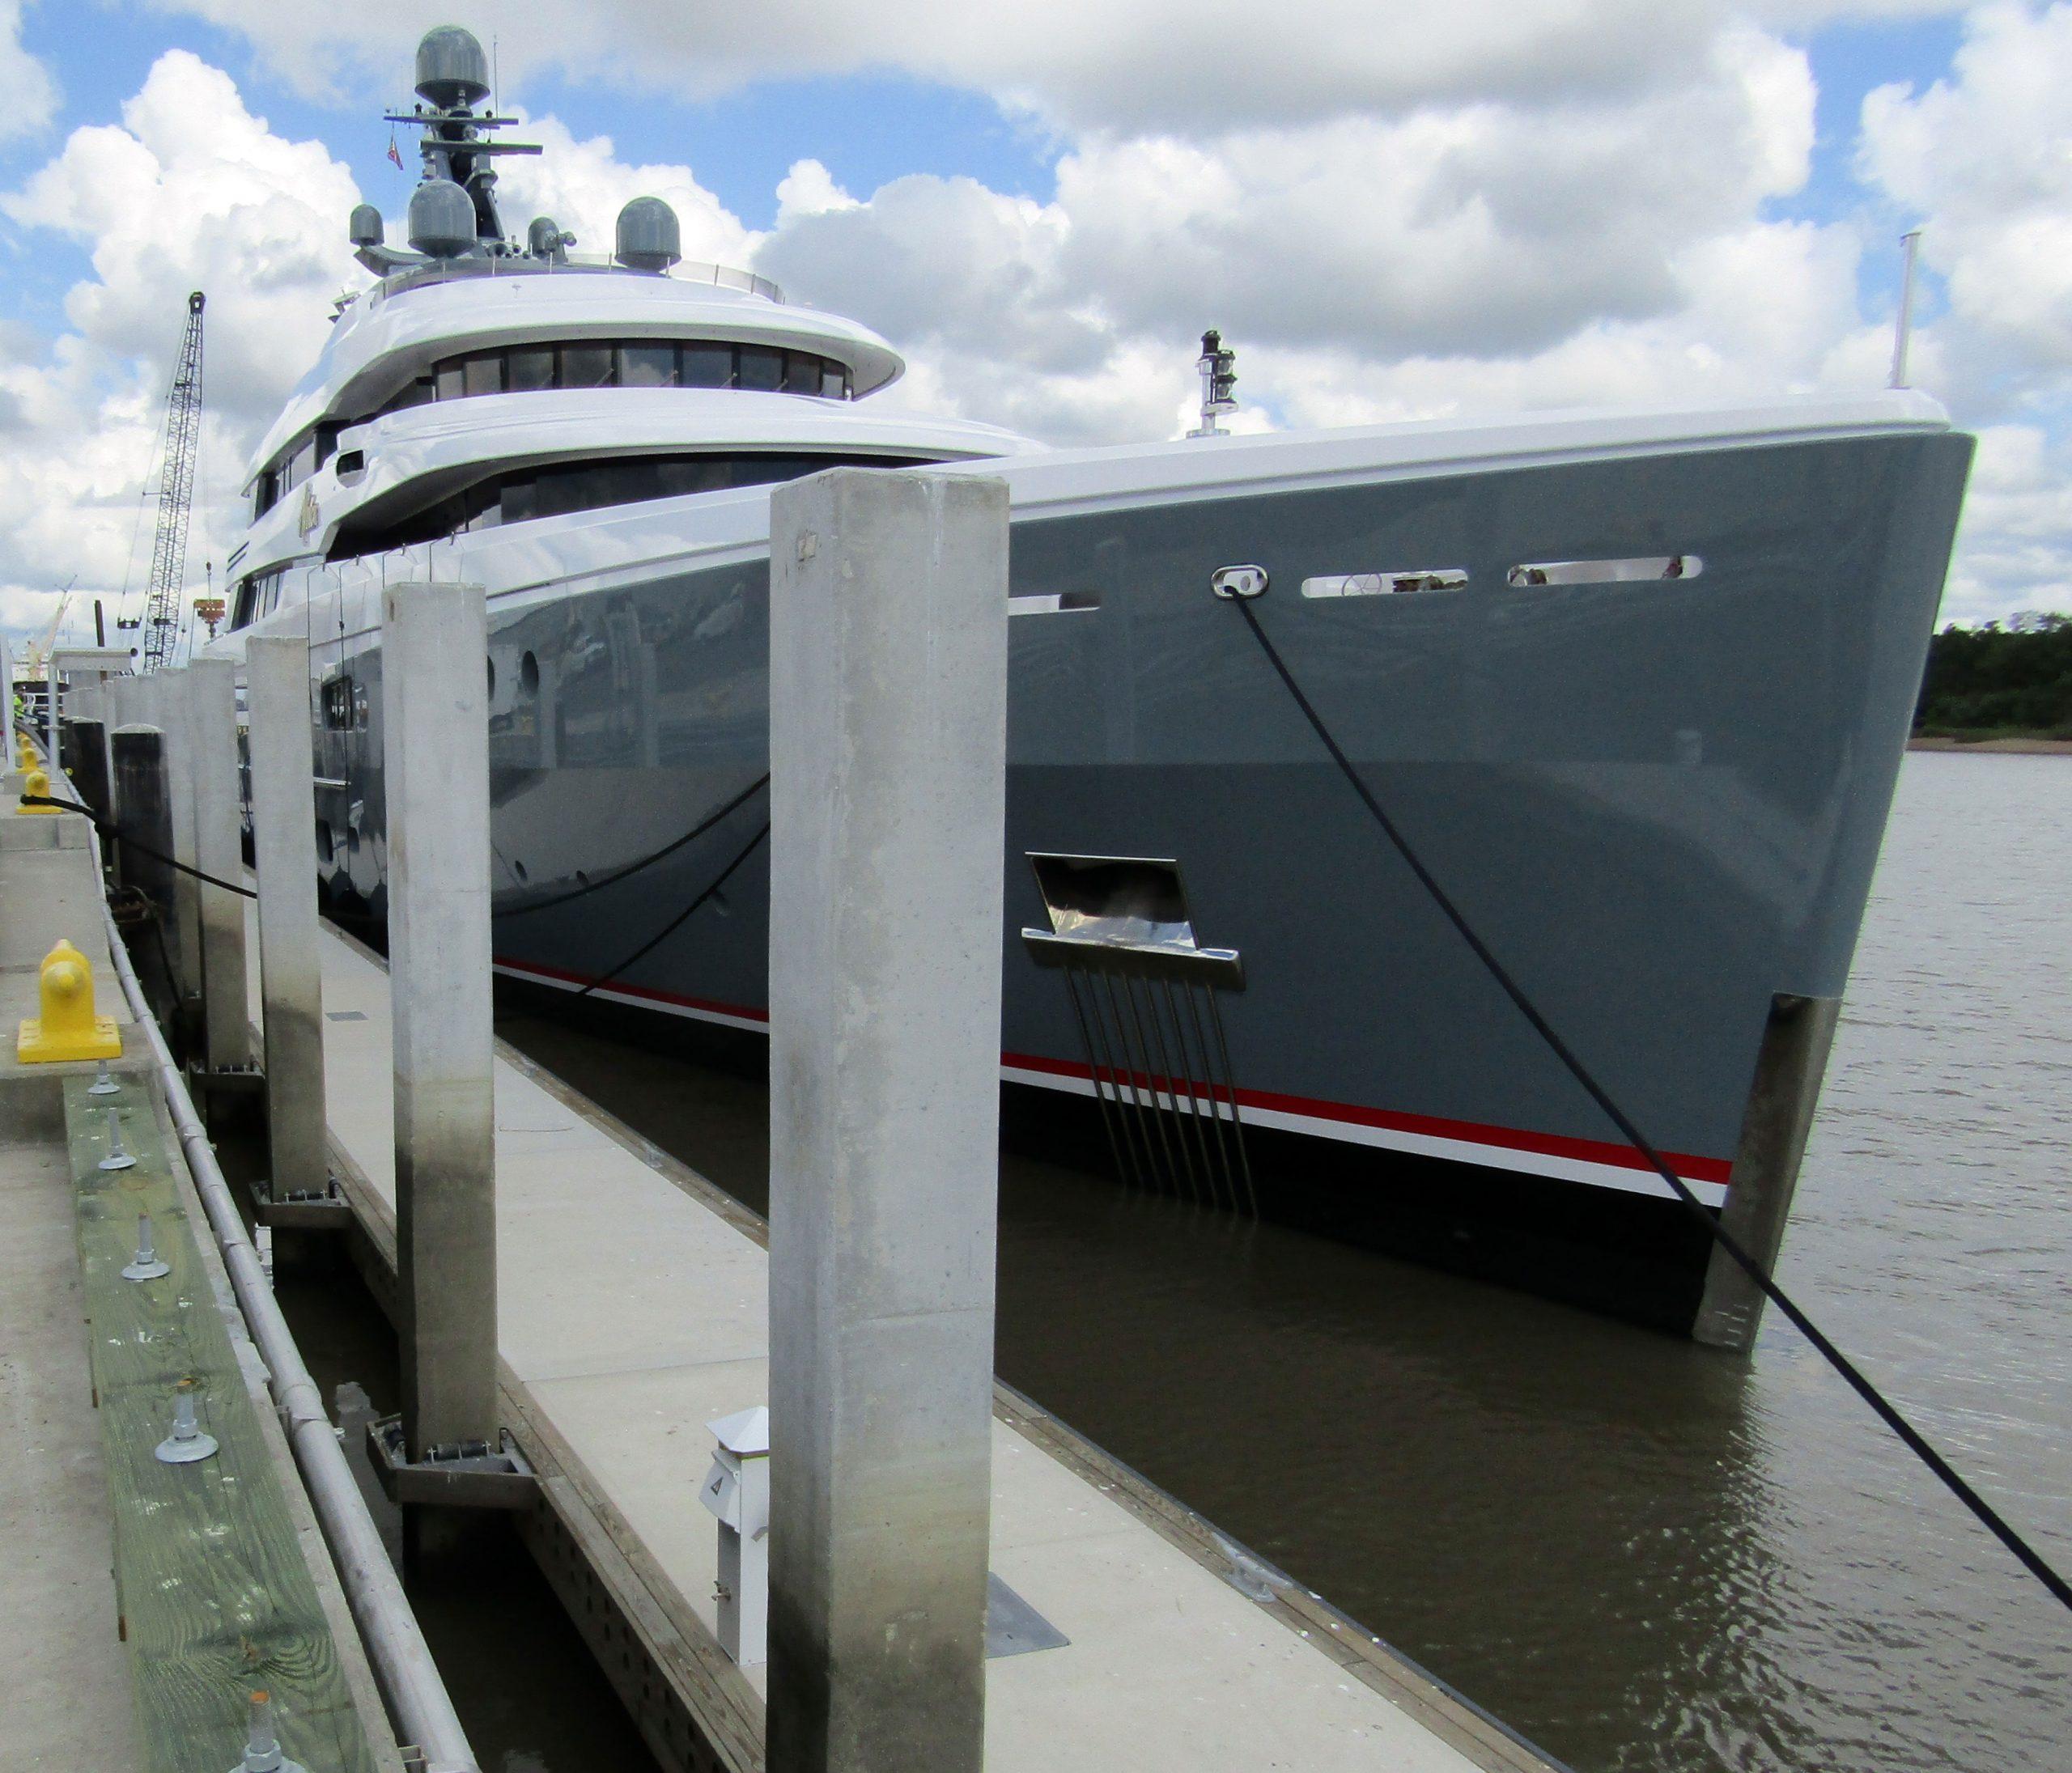 Aviva on Floating Dock